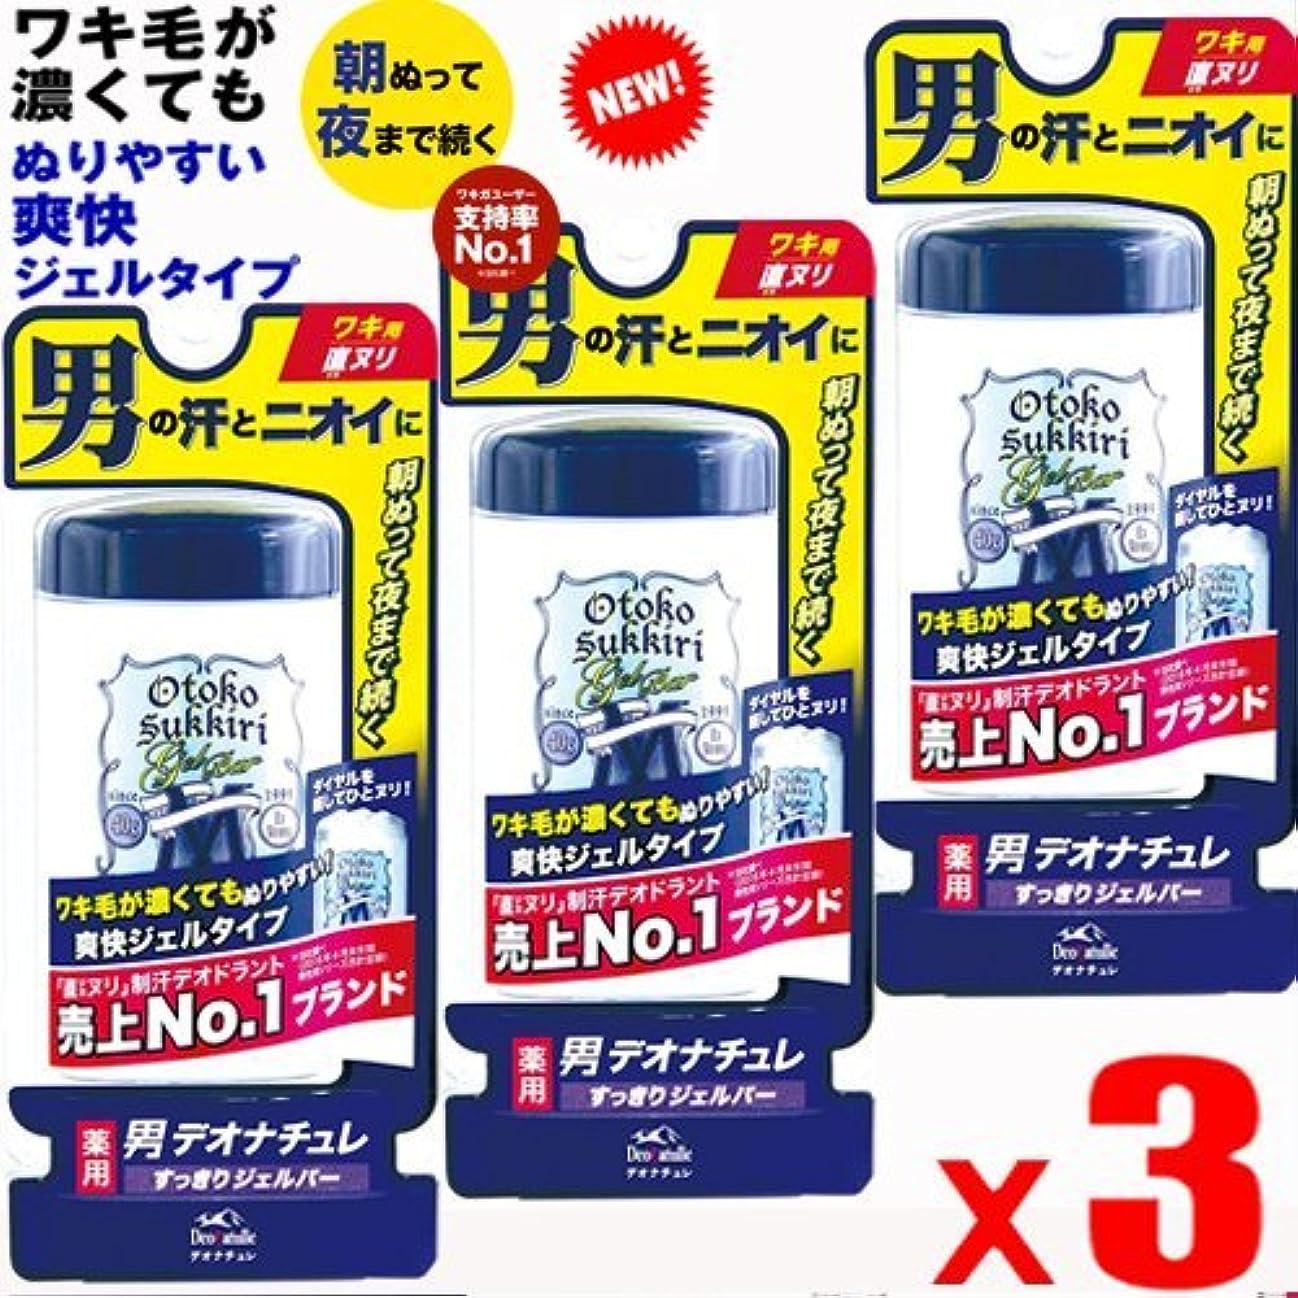 インフレーションテープスリーブ【3個】デオナチュレ 男すっきりジェルバー 40gx3個セット (4971825013994-3)